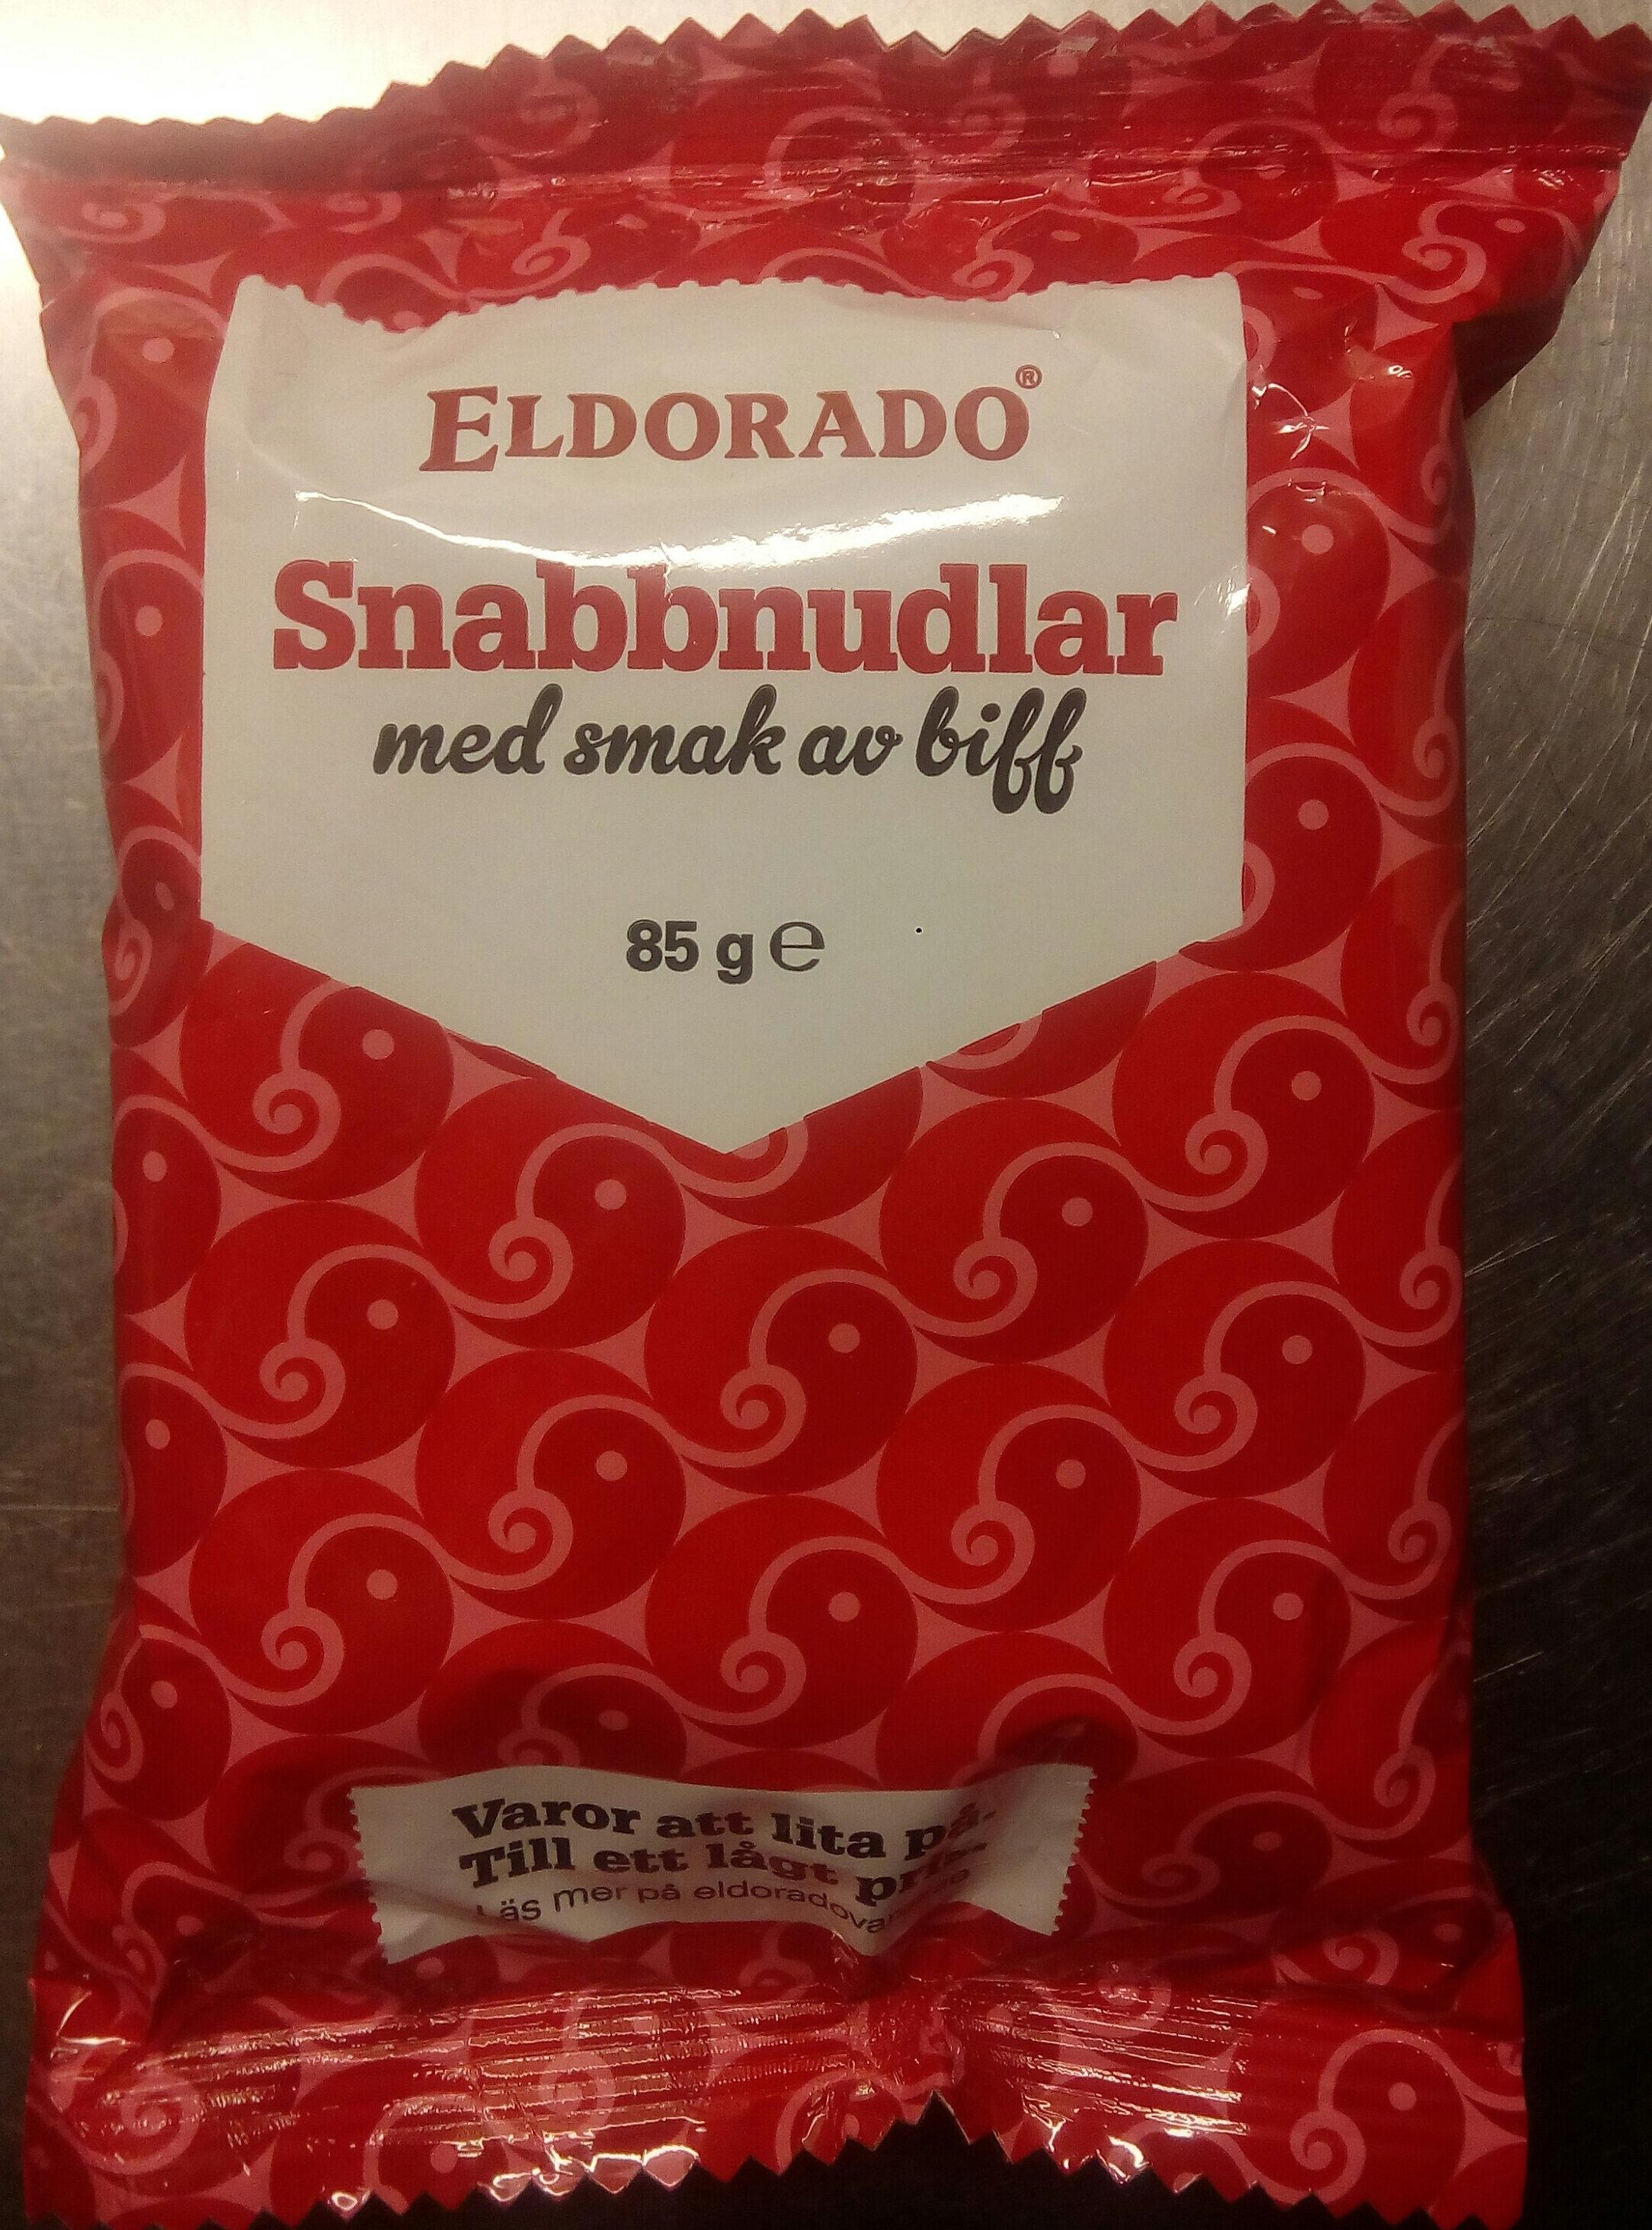 Eldorado Snabbnudlar med smak av biff - Produit - sv